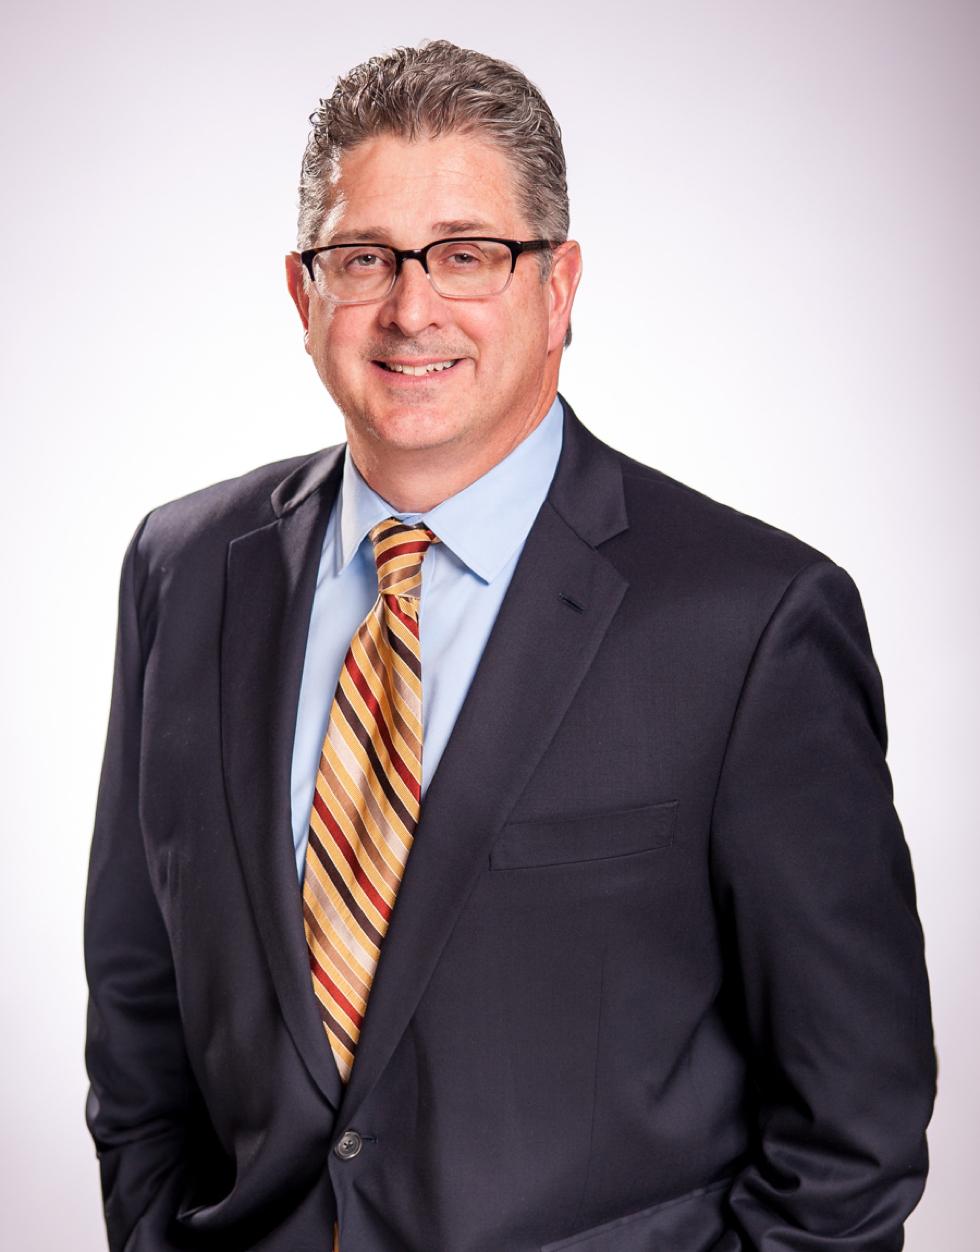 Ron Conklin